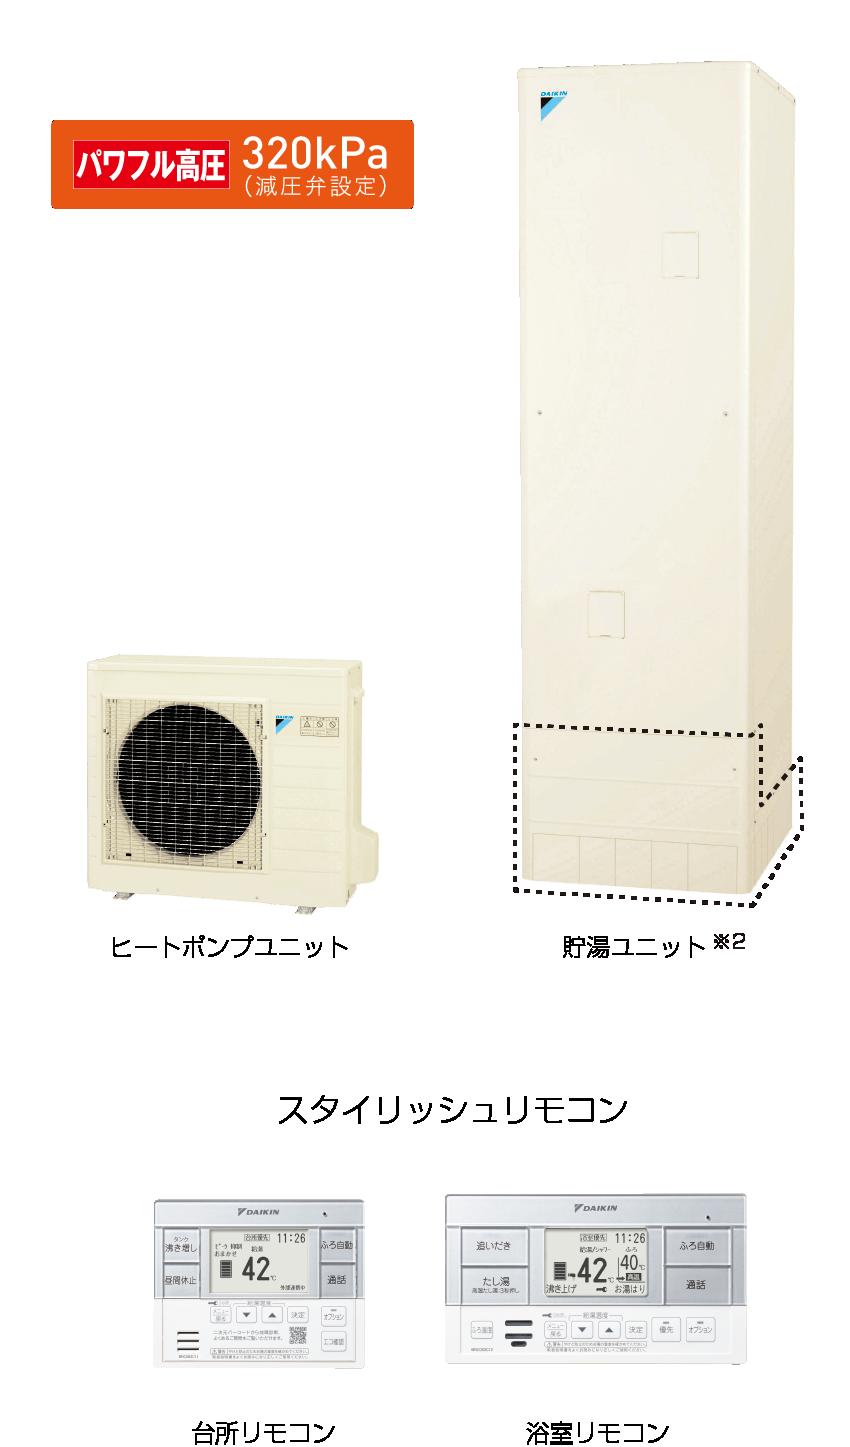 三菱電機(MITSUBISHI)商品